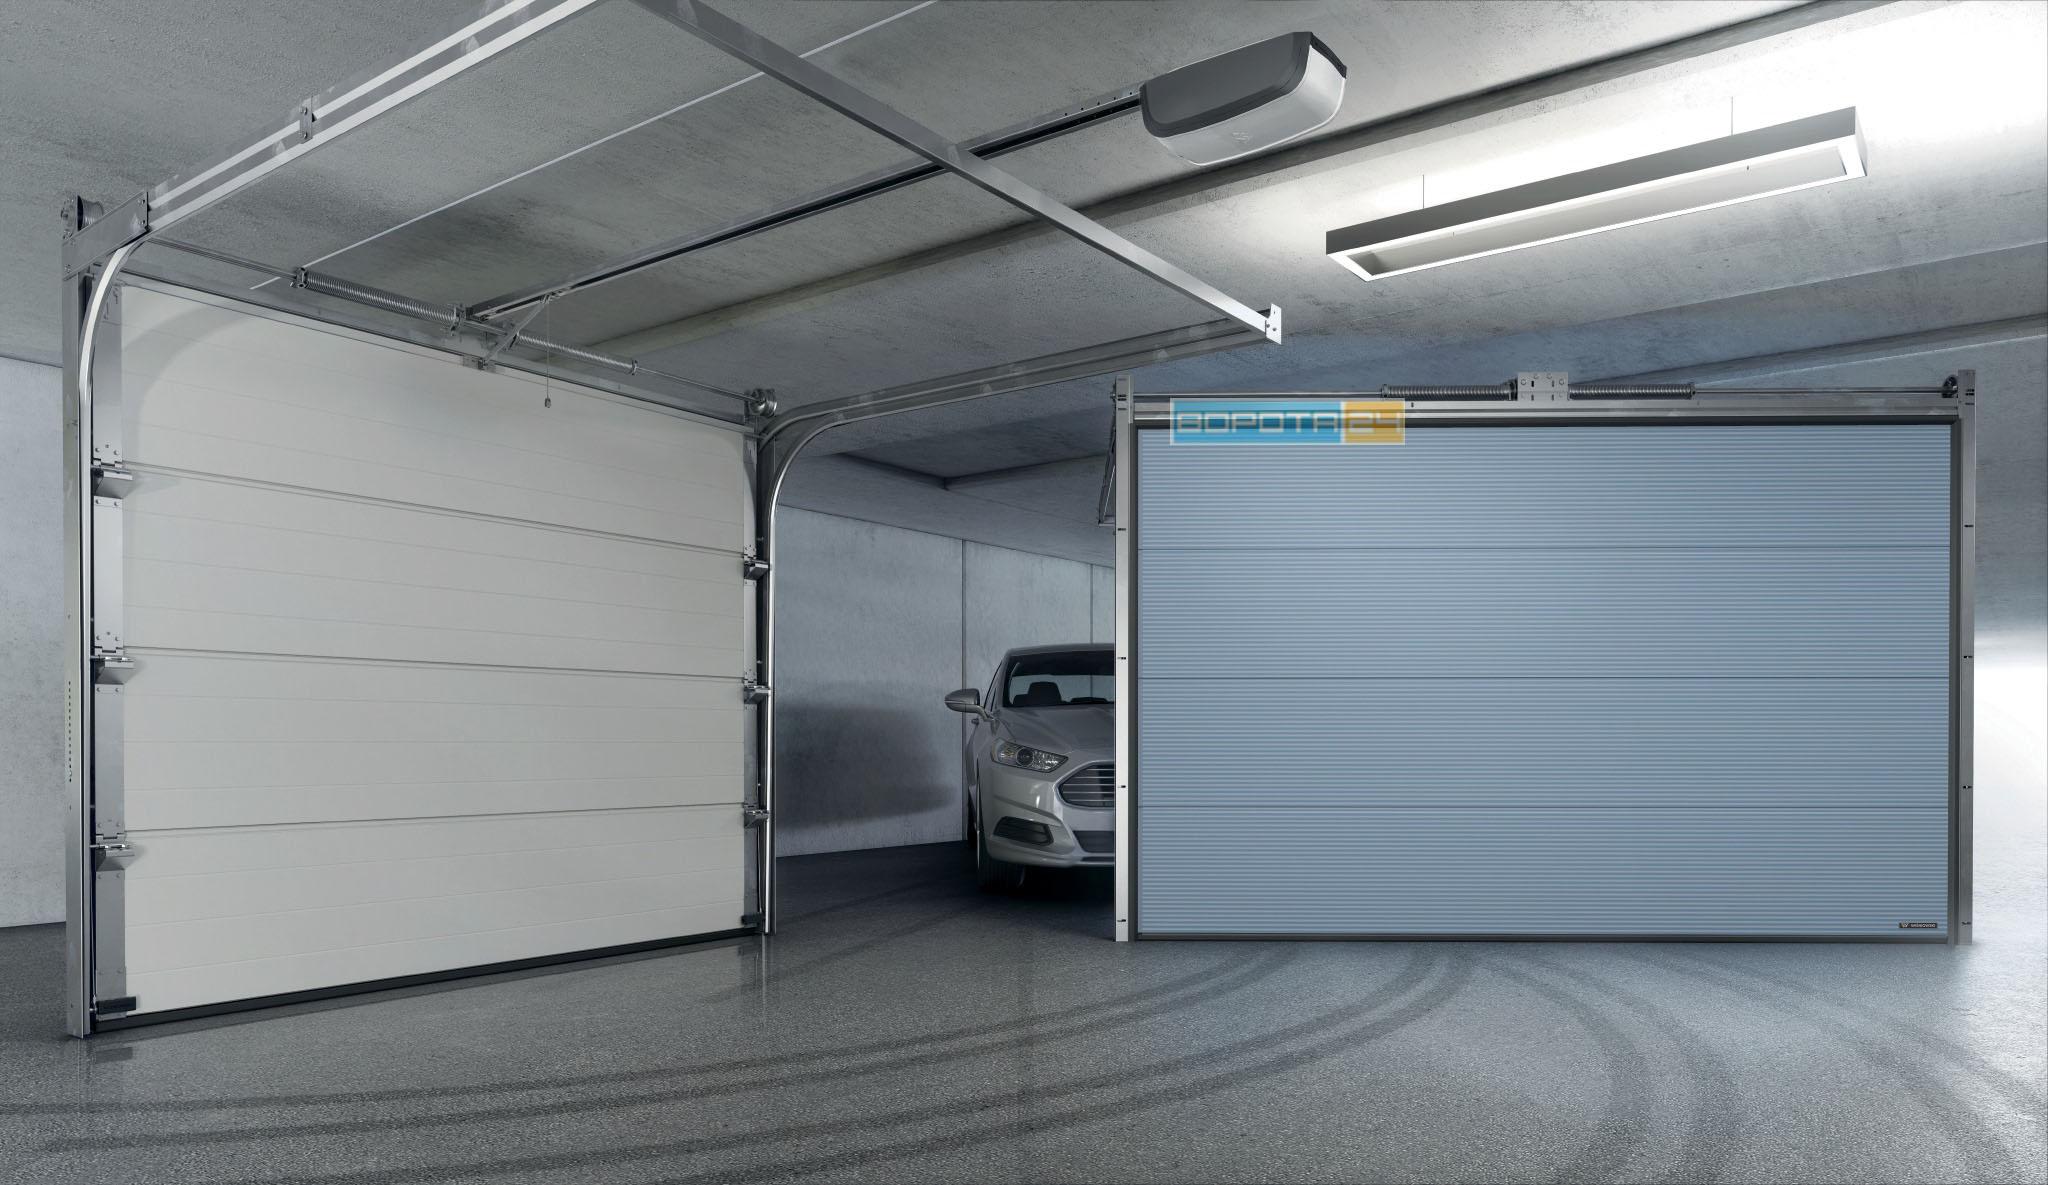 гаражные ворота с автоматикой - установка въездной системы